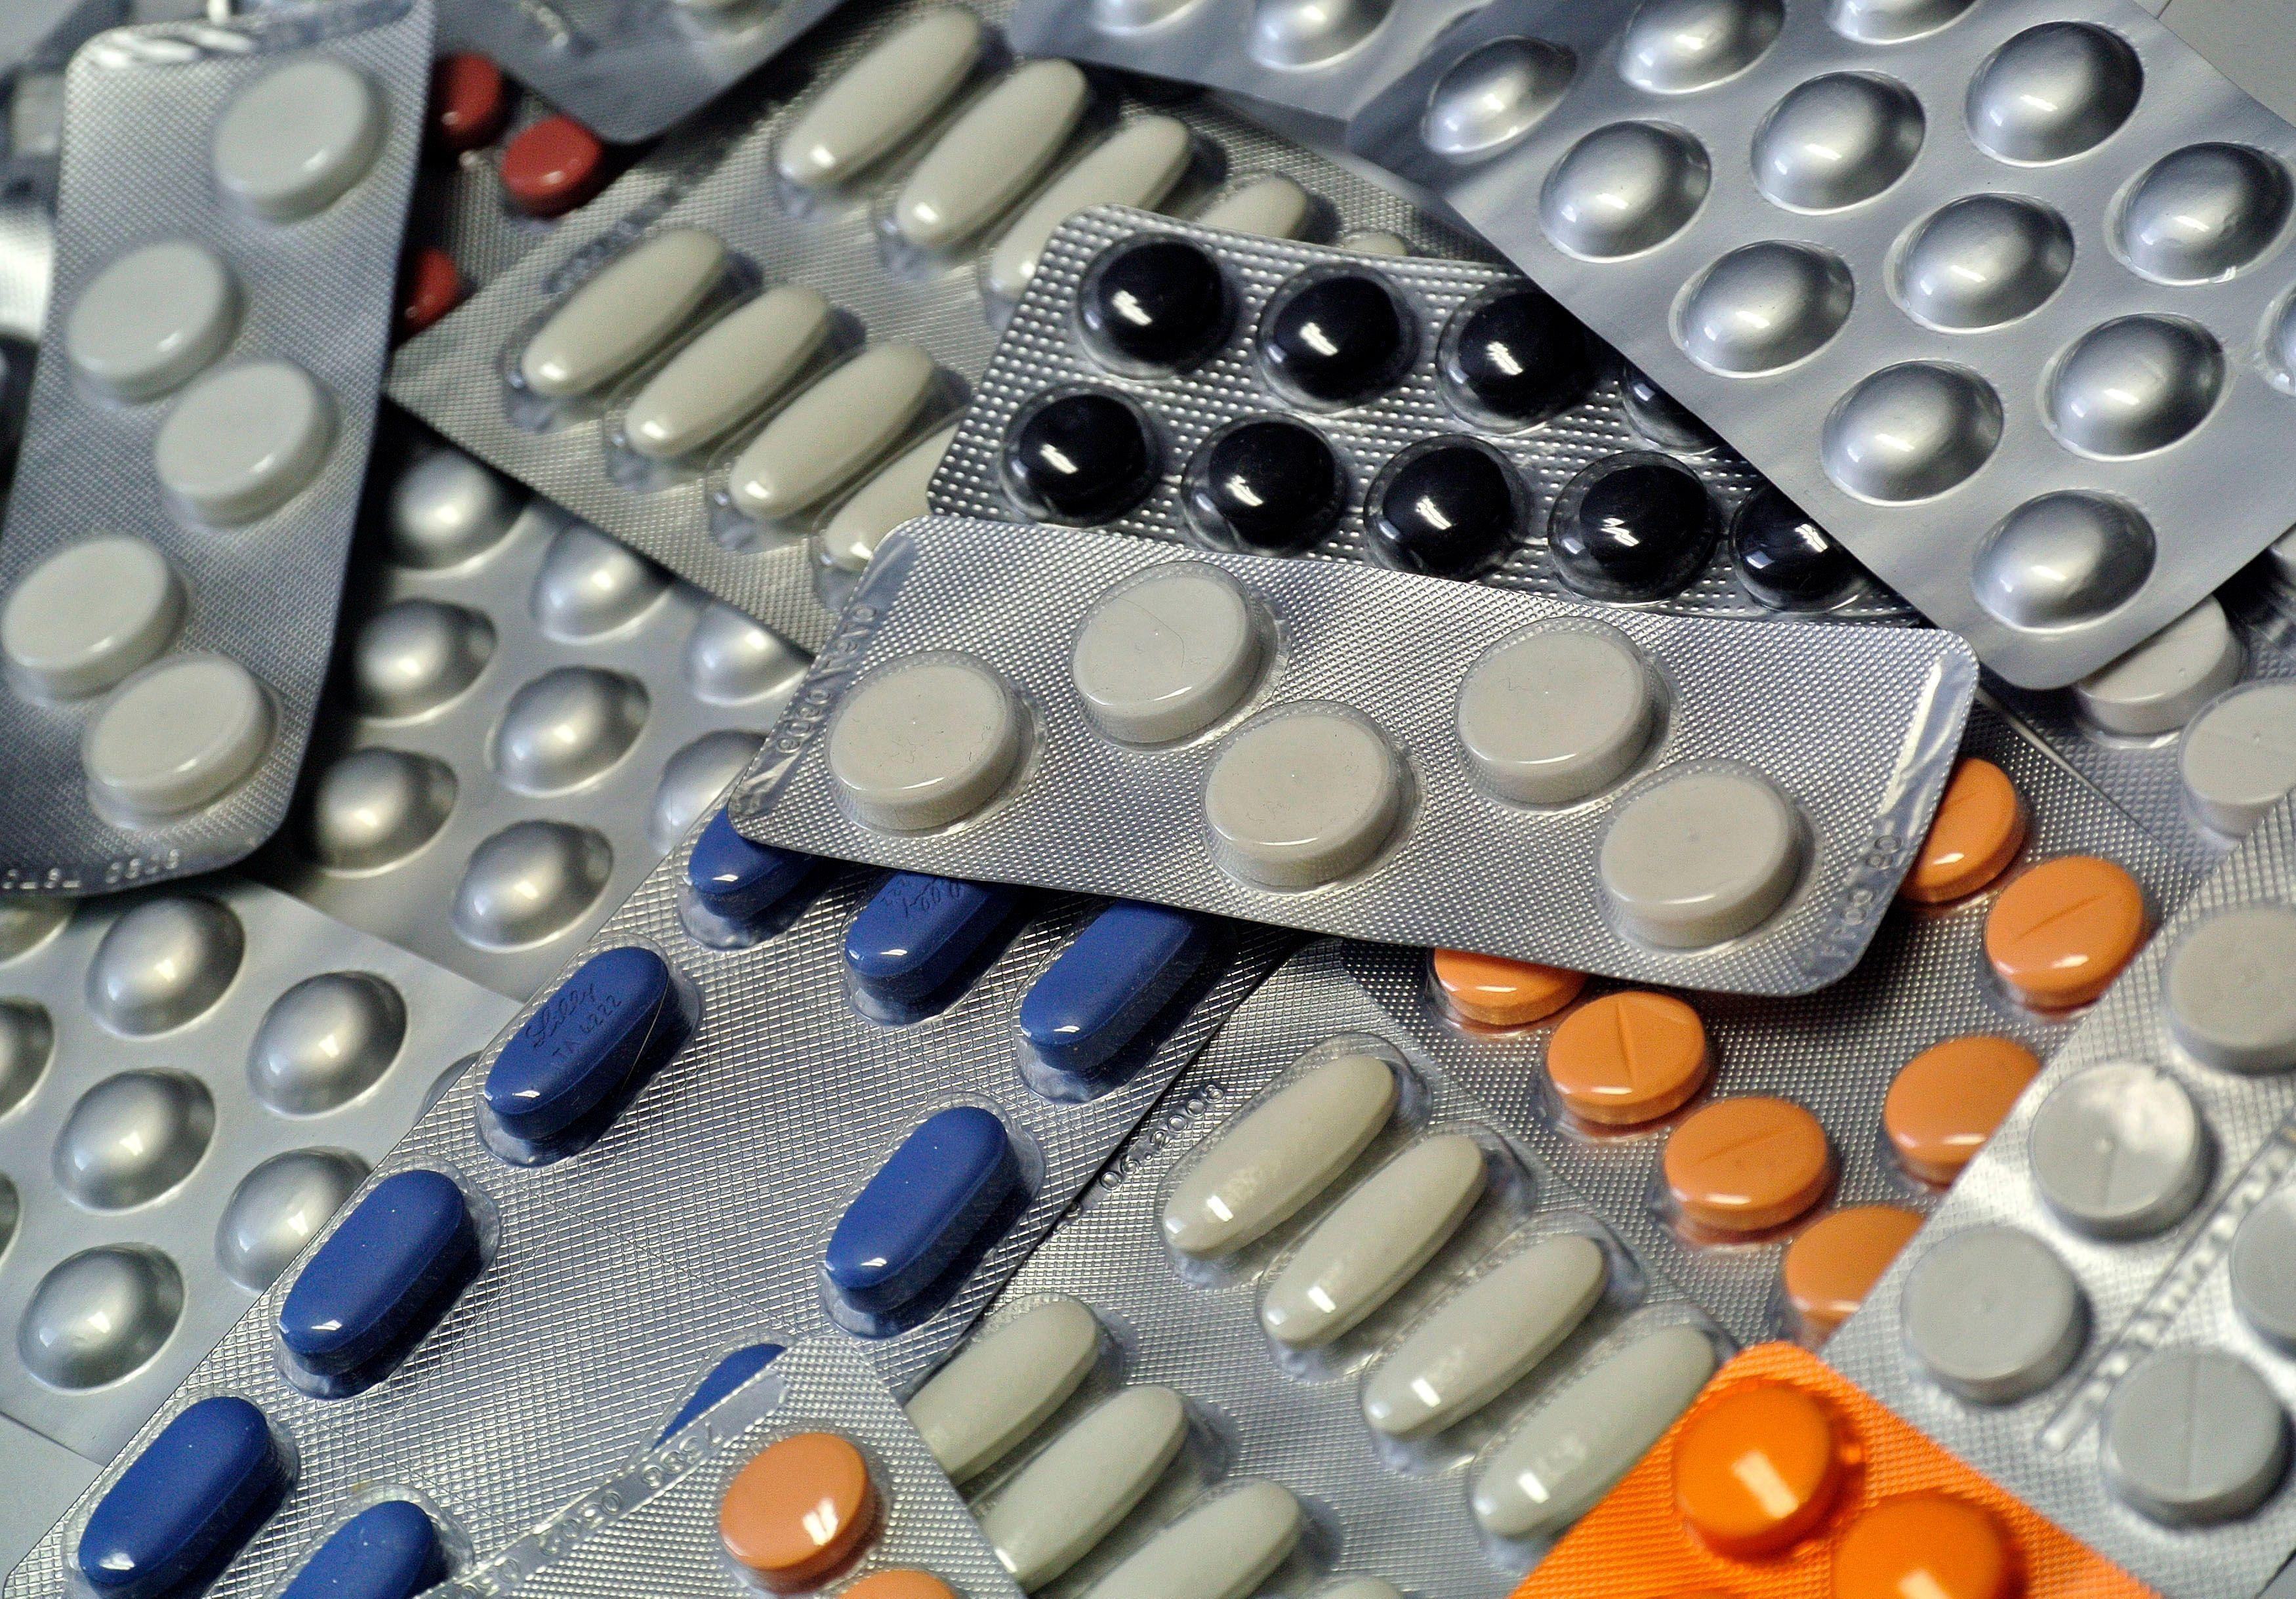 La consommation d'antibiotiques est repartie à la hausse.